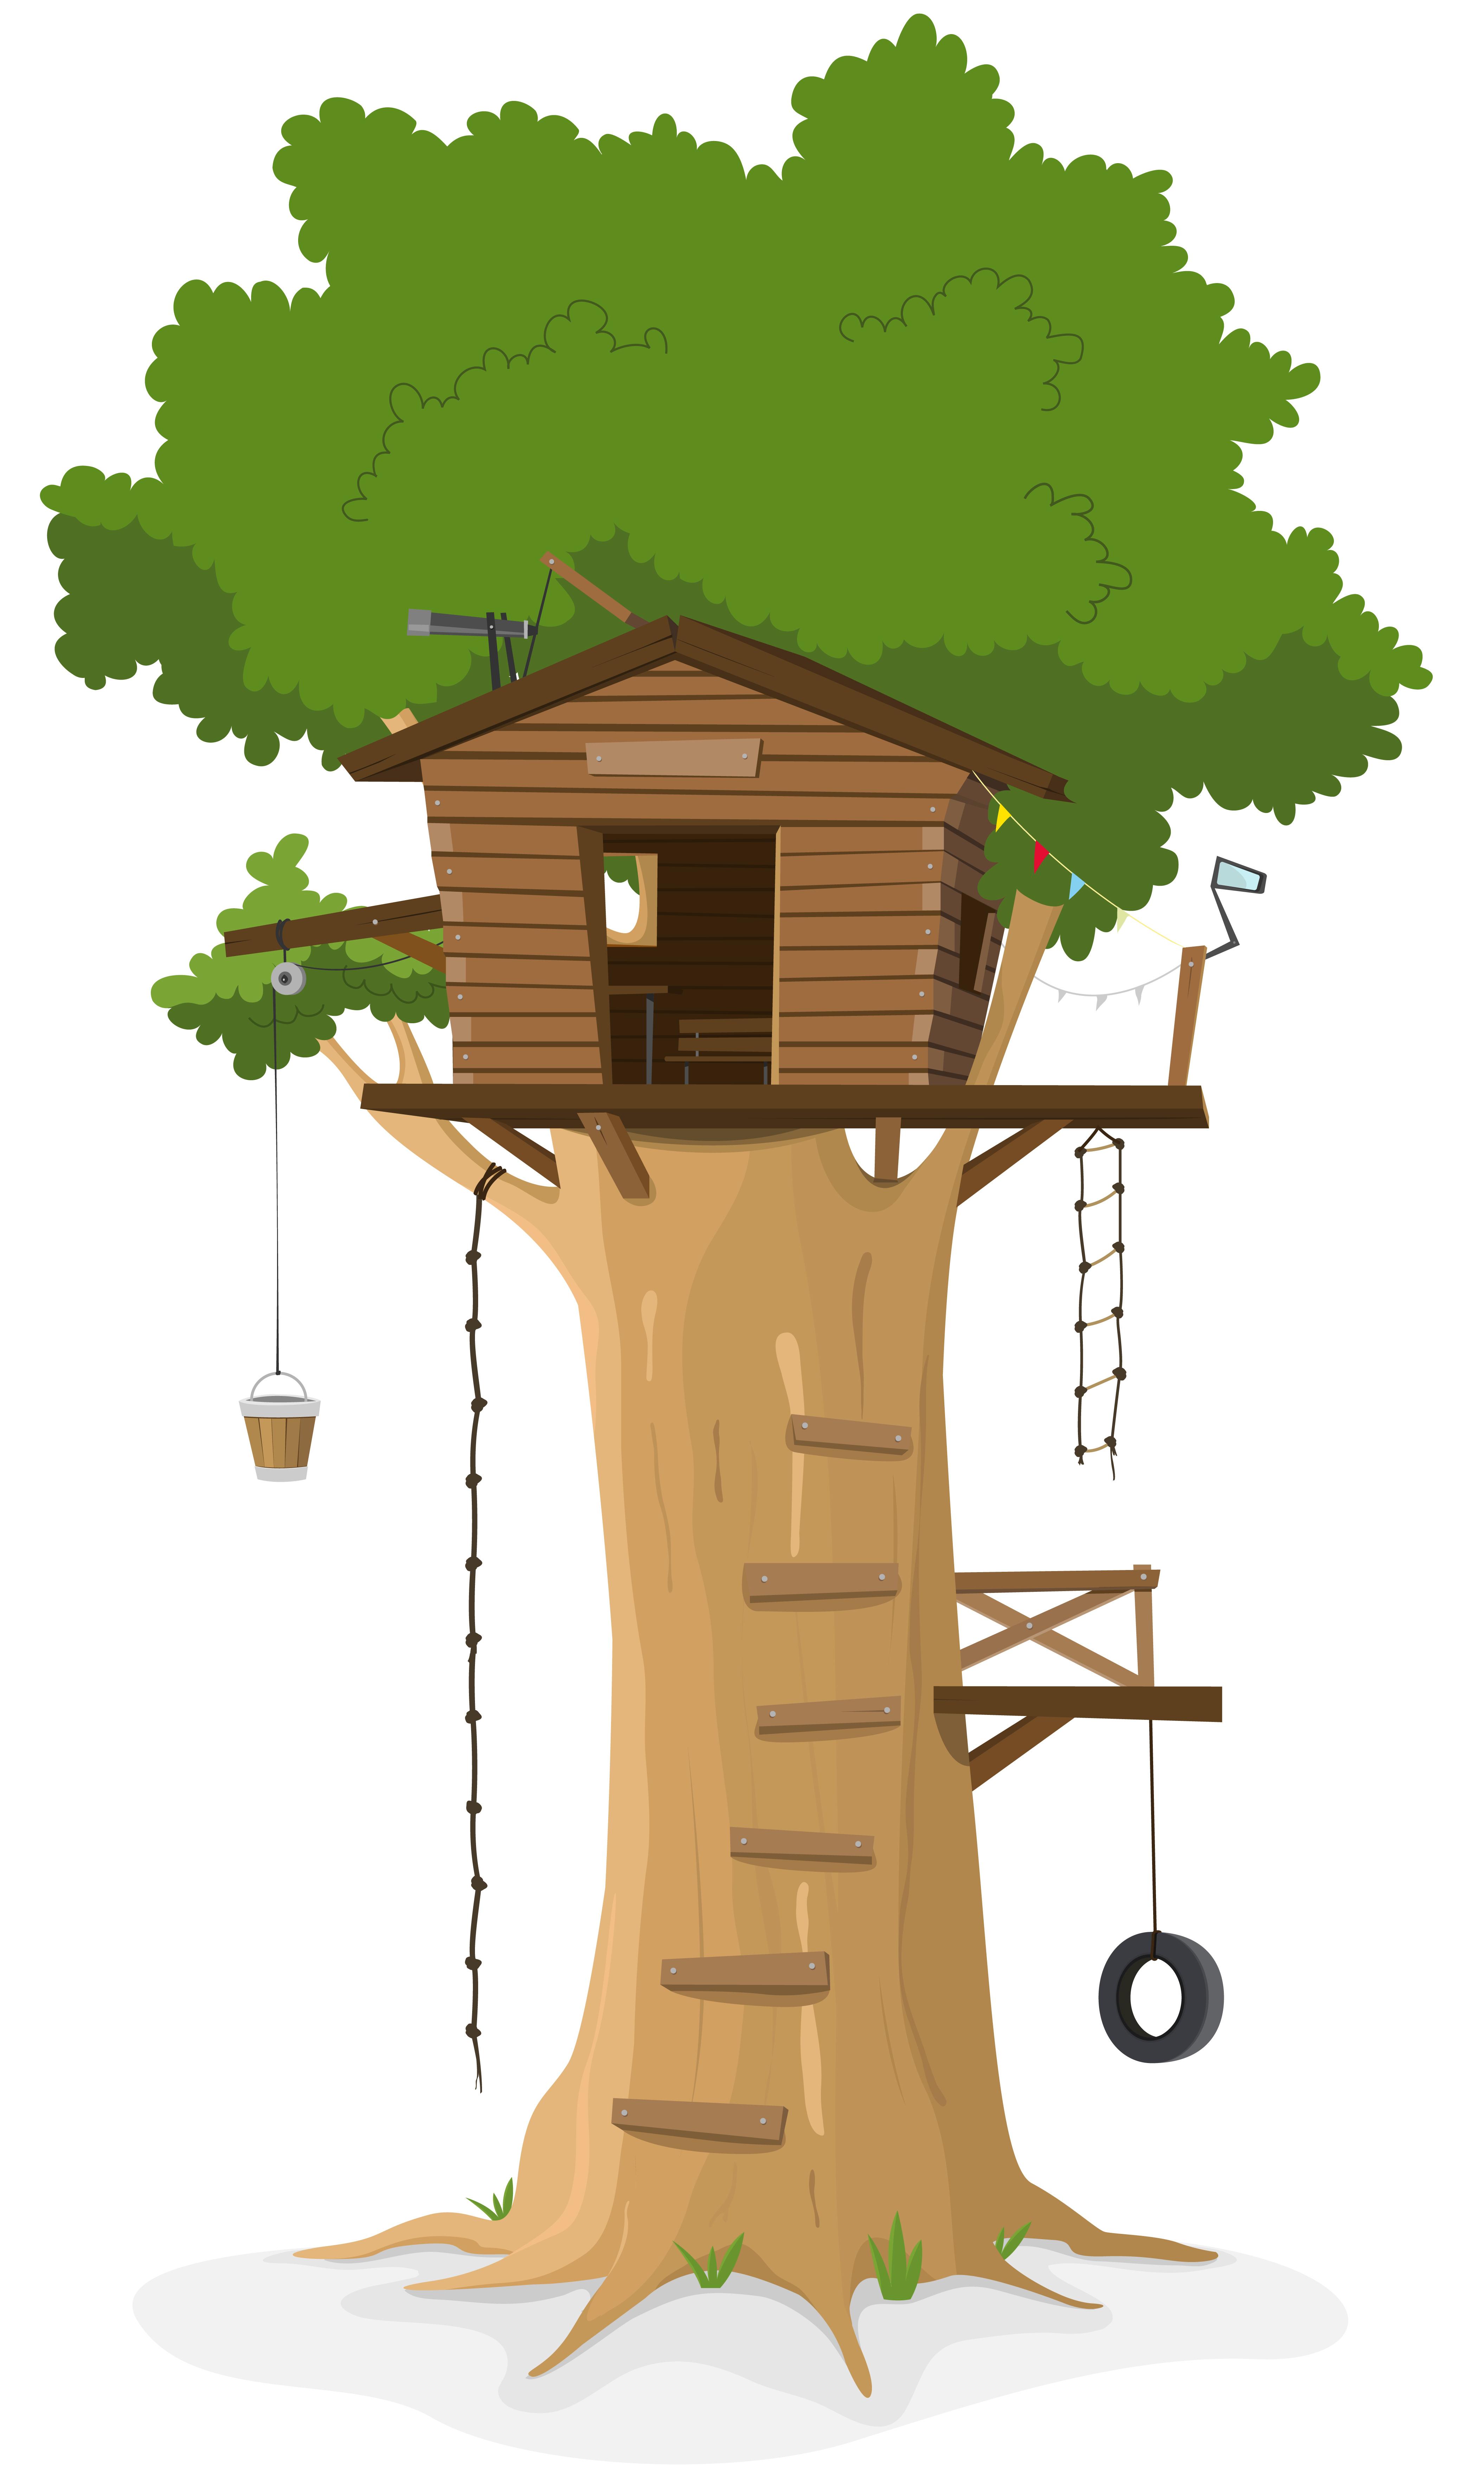 Cabane dans les arbres - Telecharger Vectoriel Gratuit, Clipart Graphique, Vecteur Dessins et ...